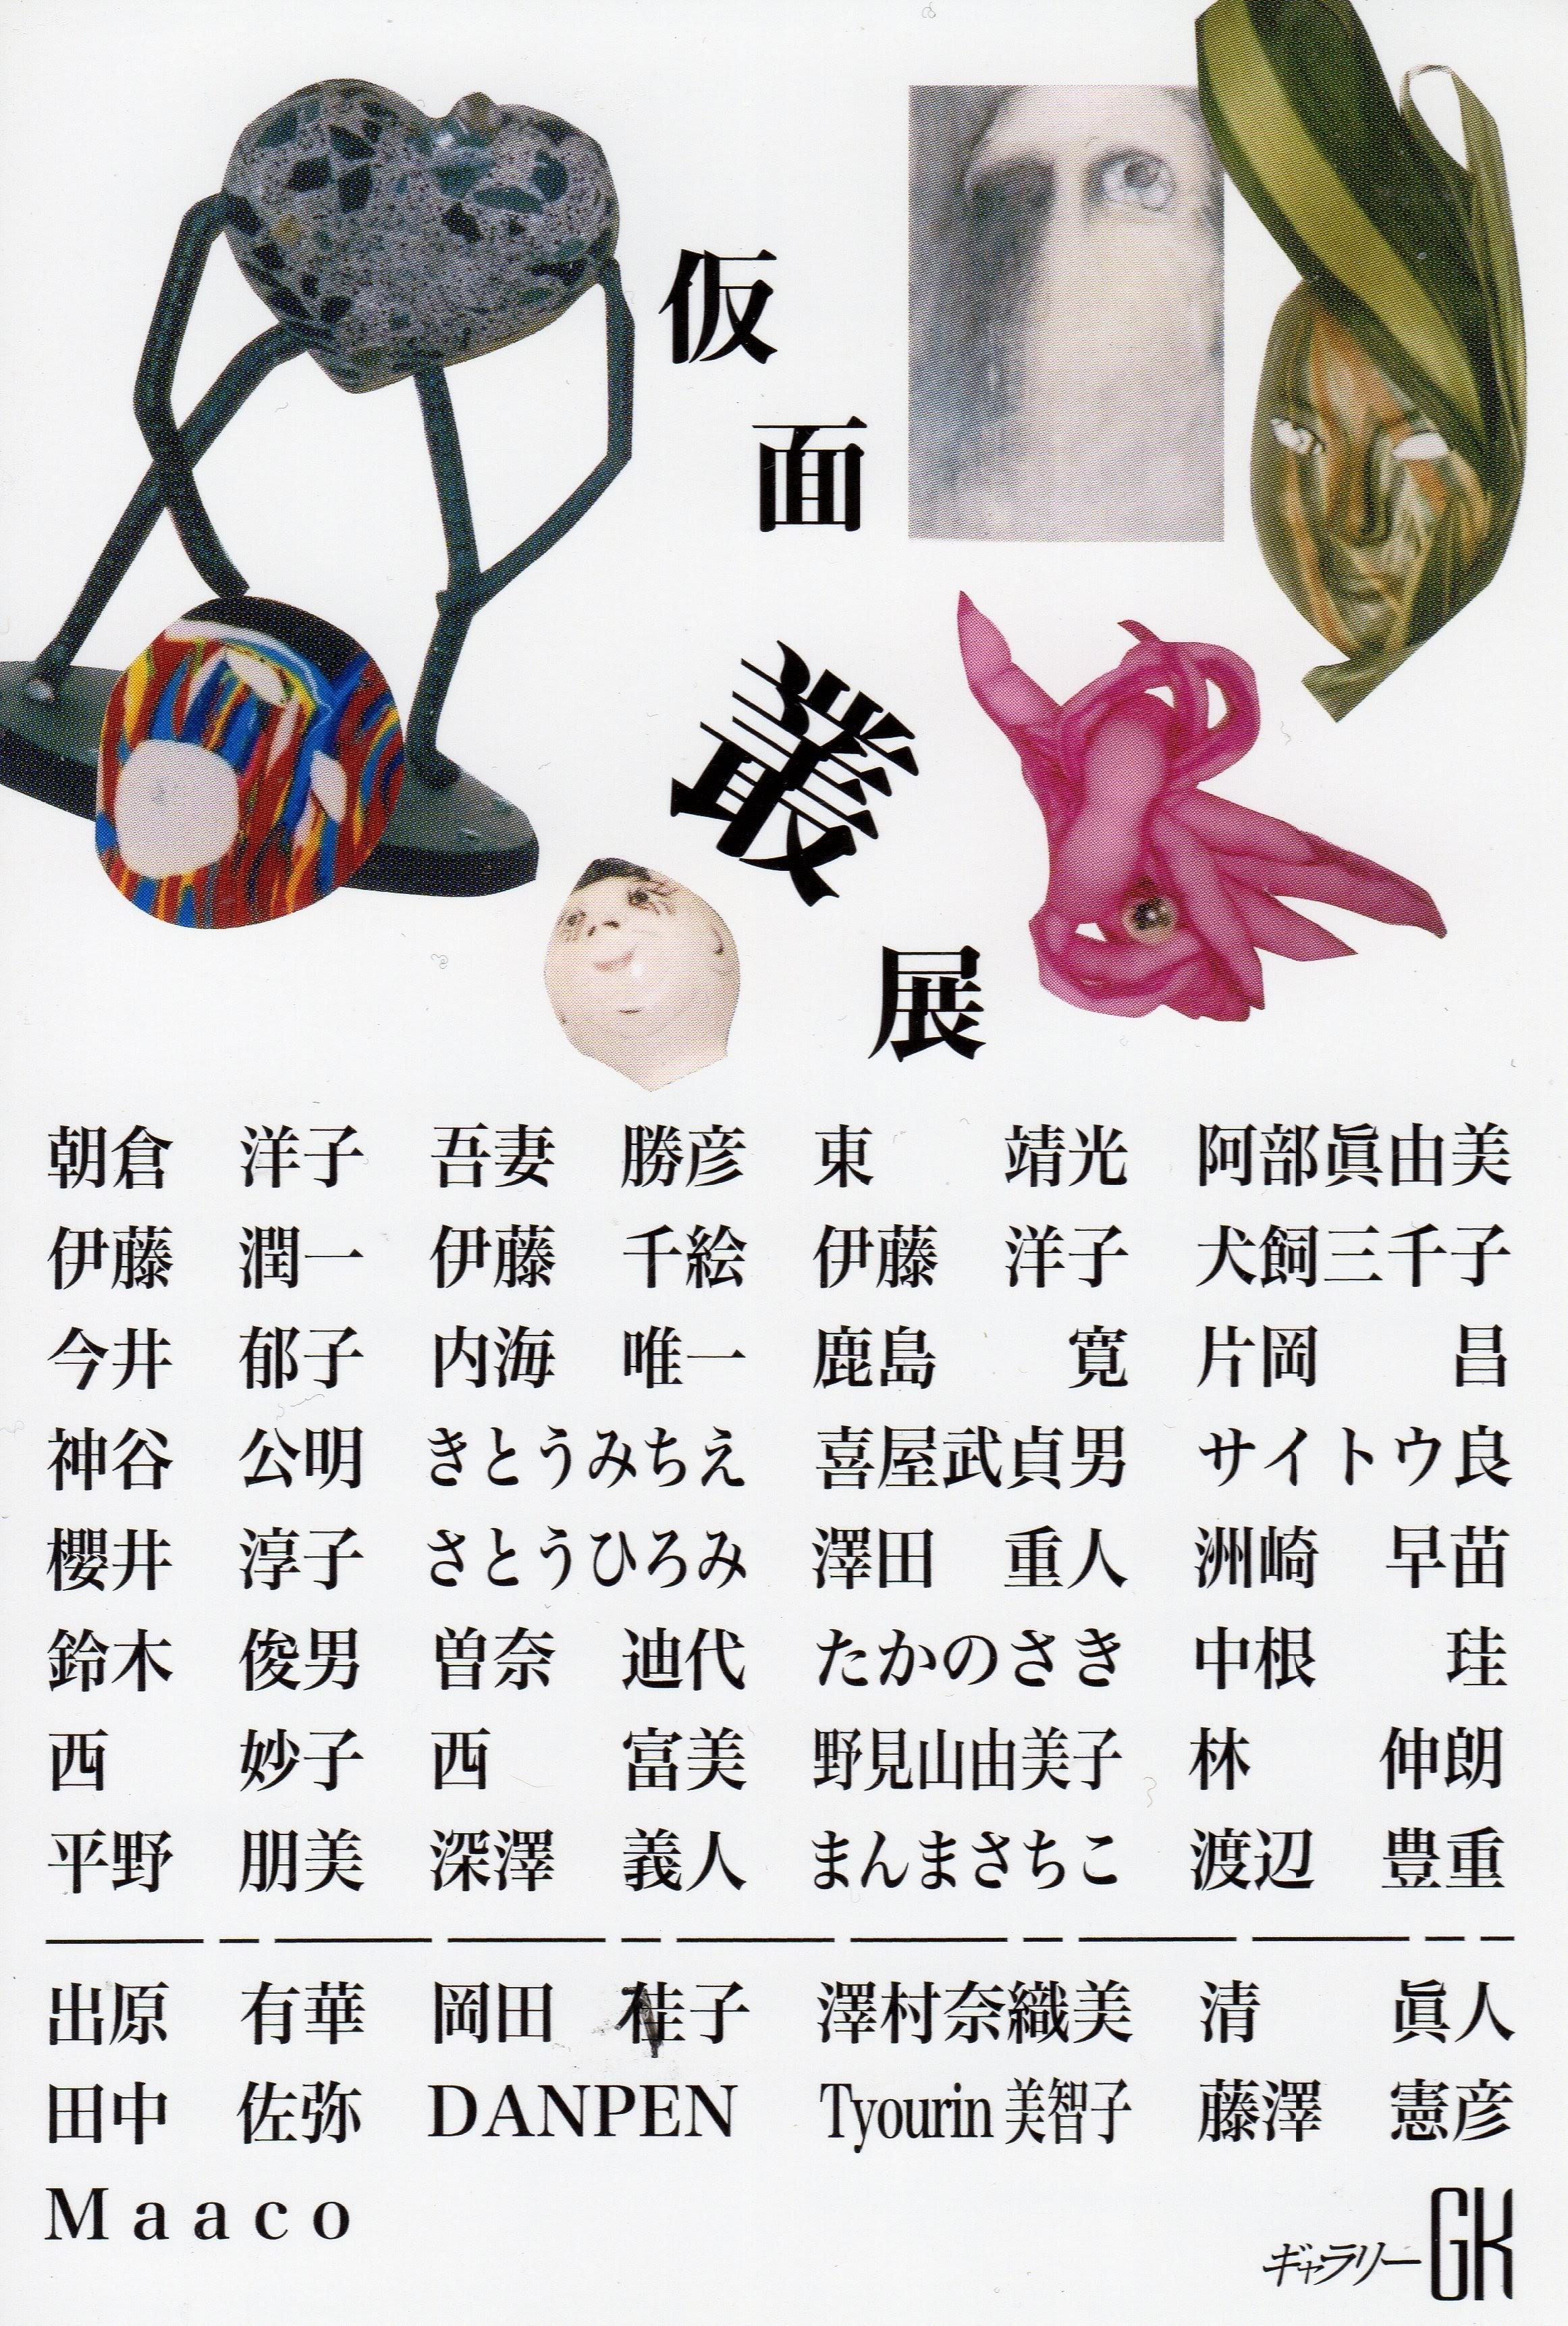 「仮面叢展」。銀座 (2月末〜3月初頭) のあと 京都にも巡回 (3月末〜4月初頭)。